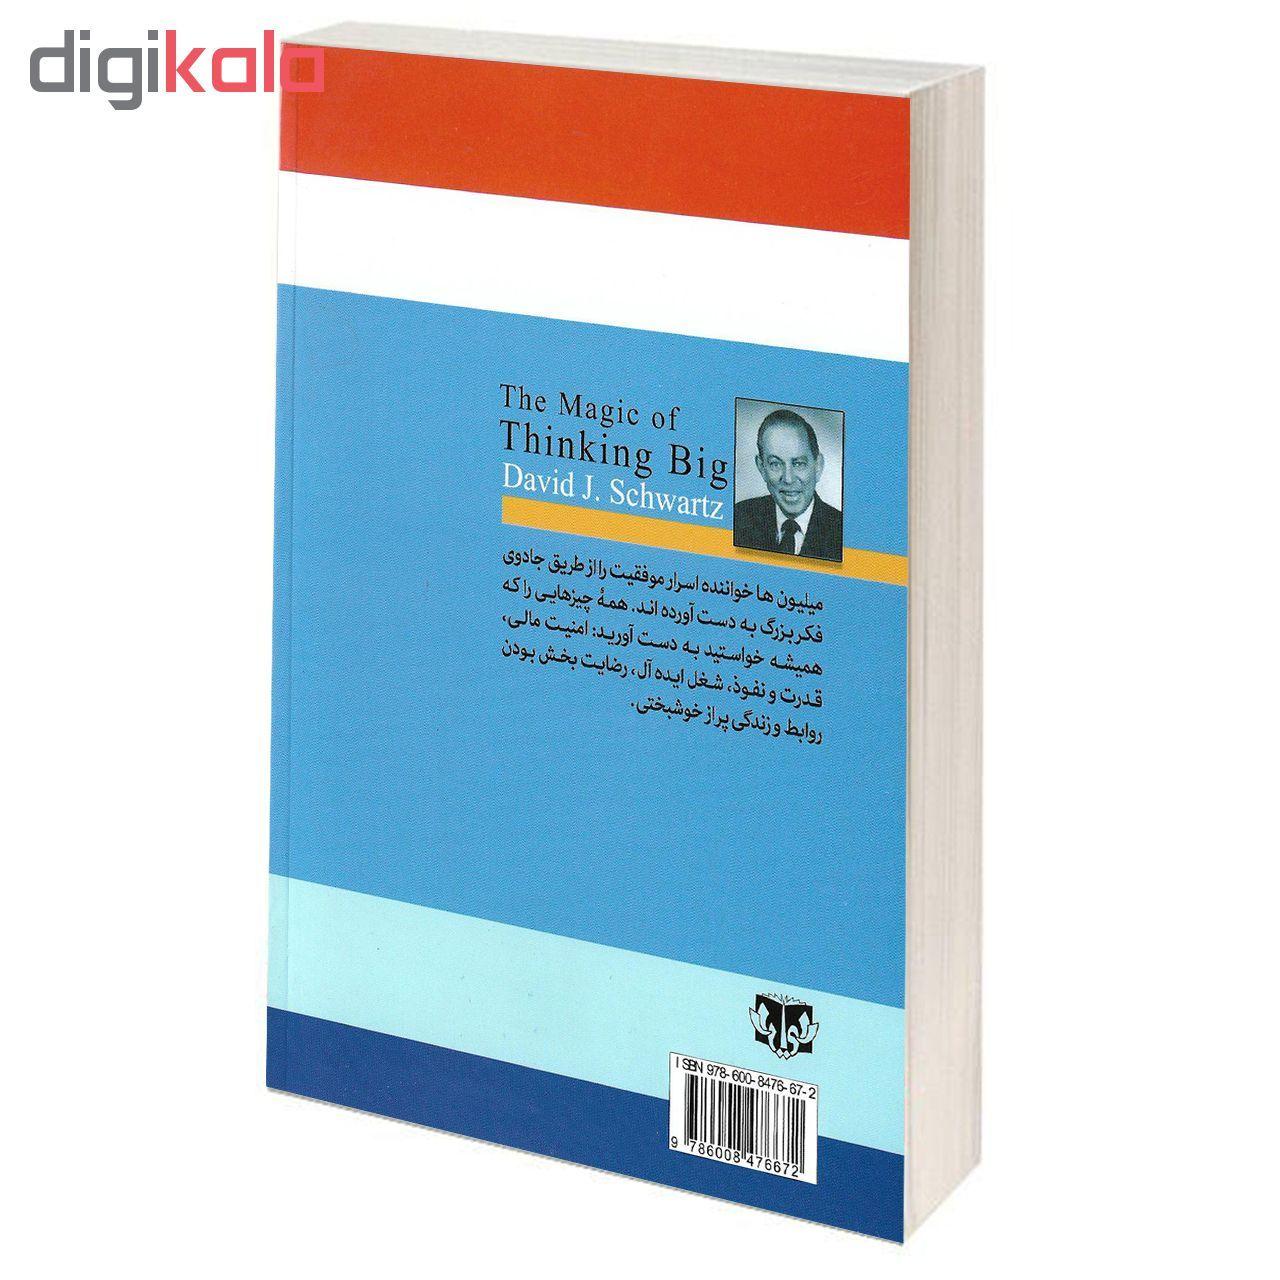 کتاب جادوی فکر بزرگ اثر دیوید جی . شوارتز نشر ریواس main 1 2